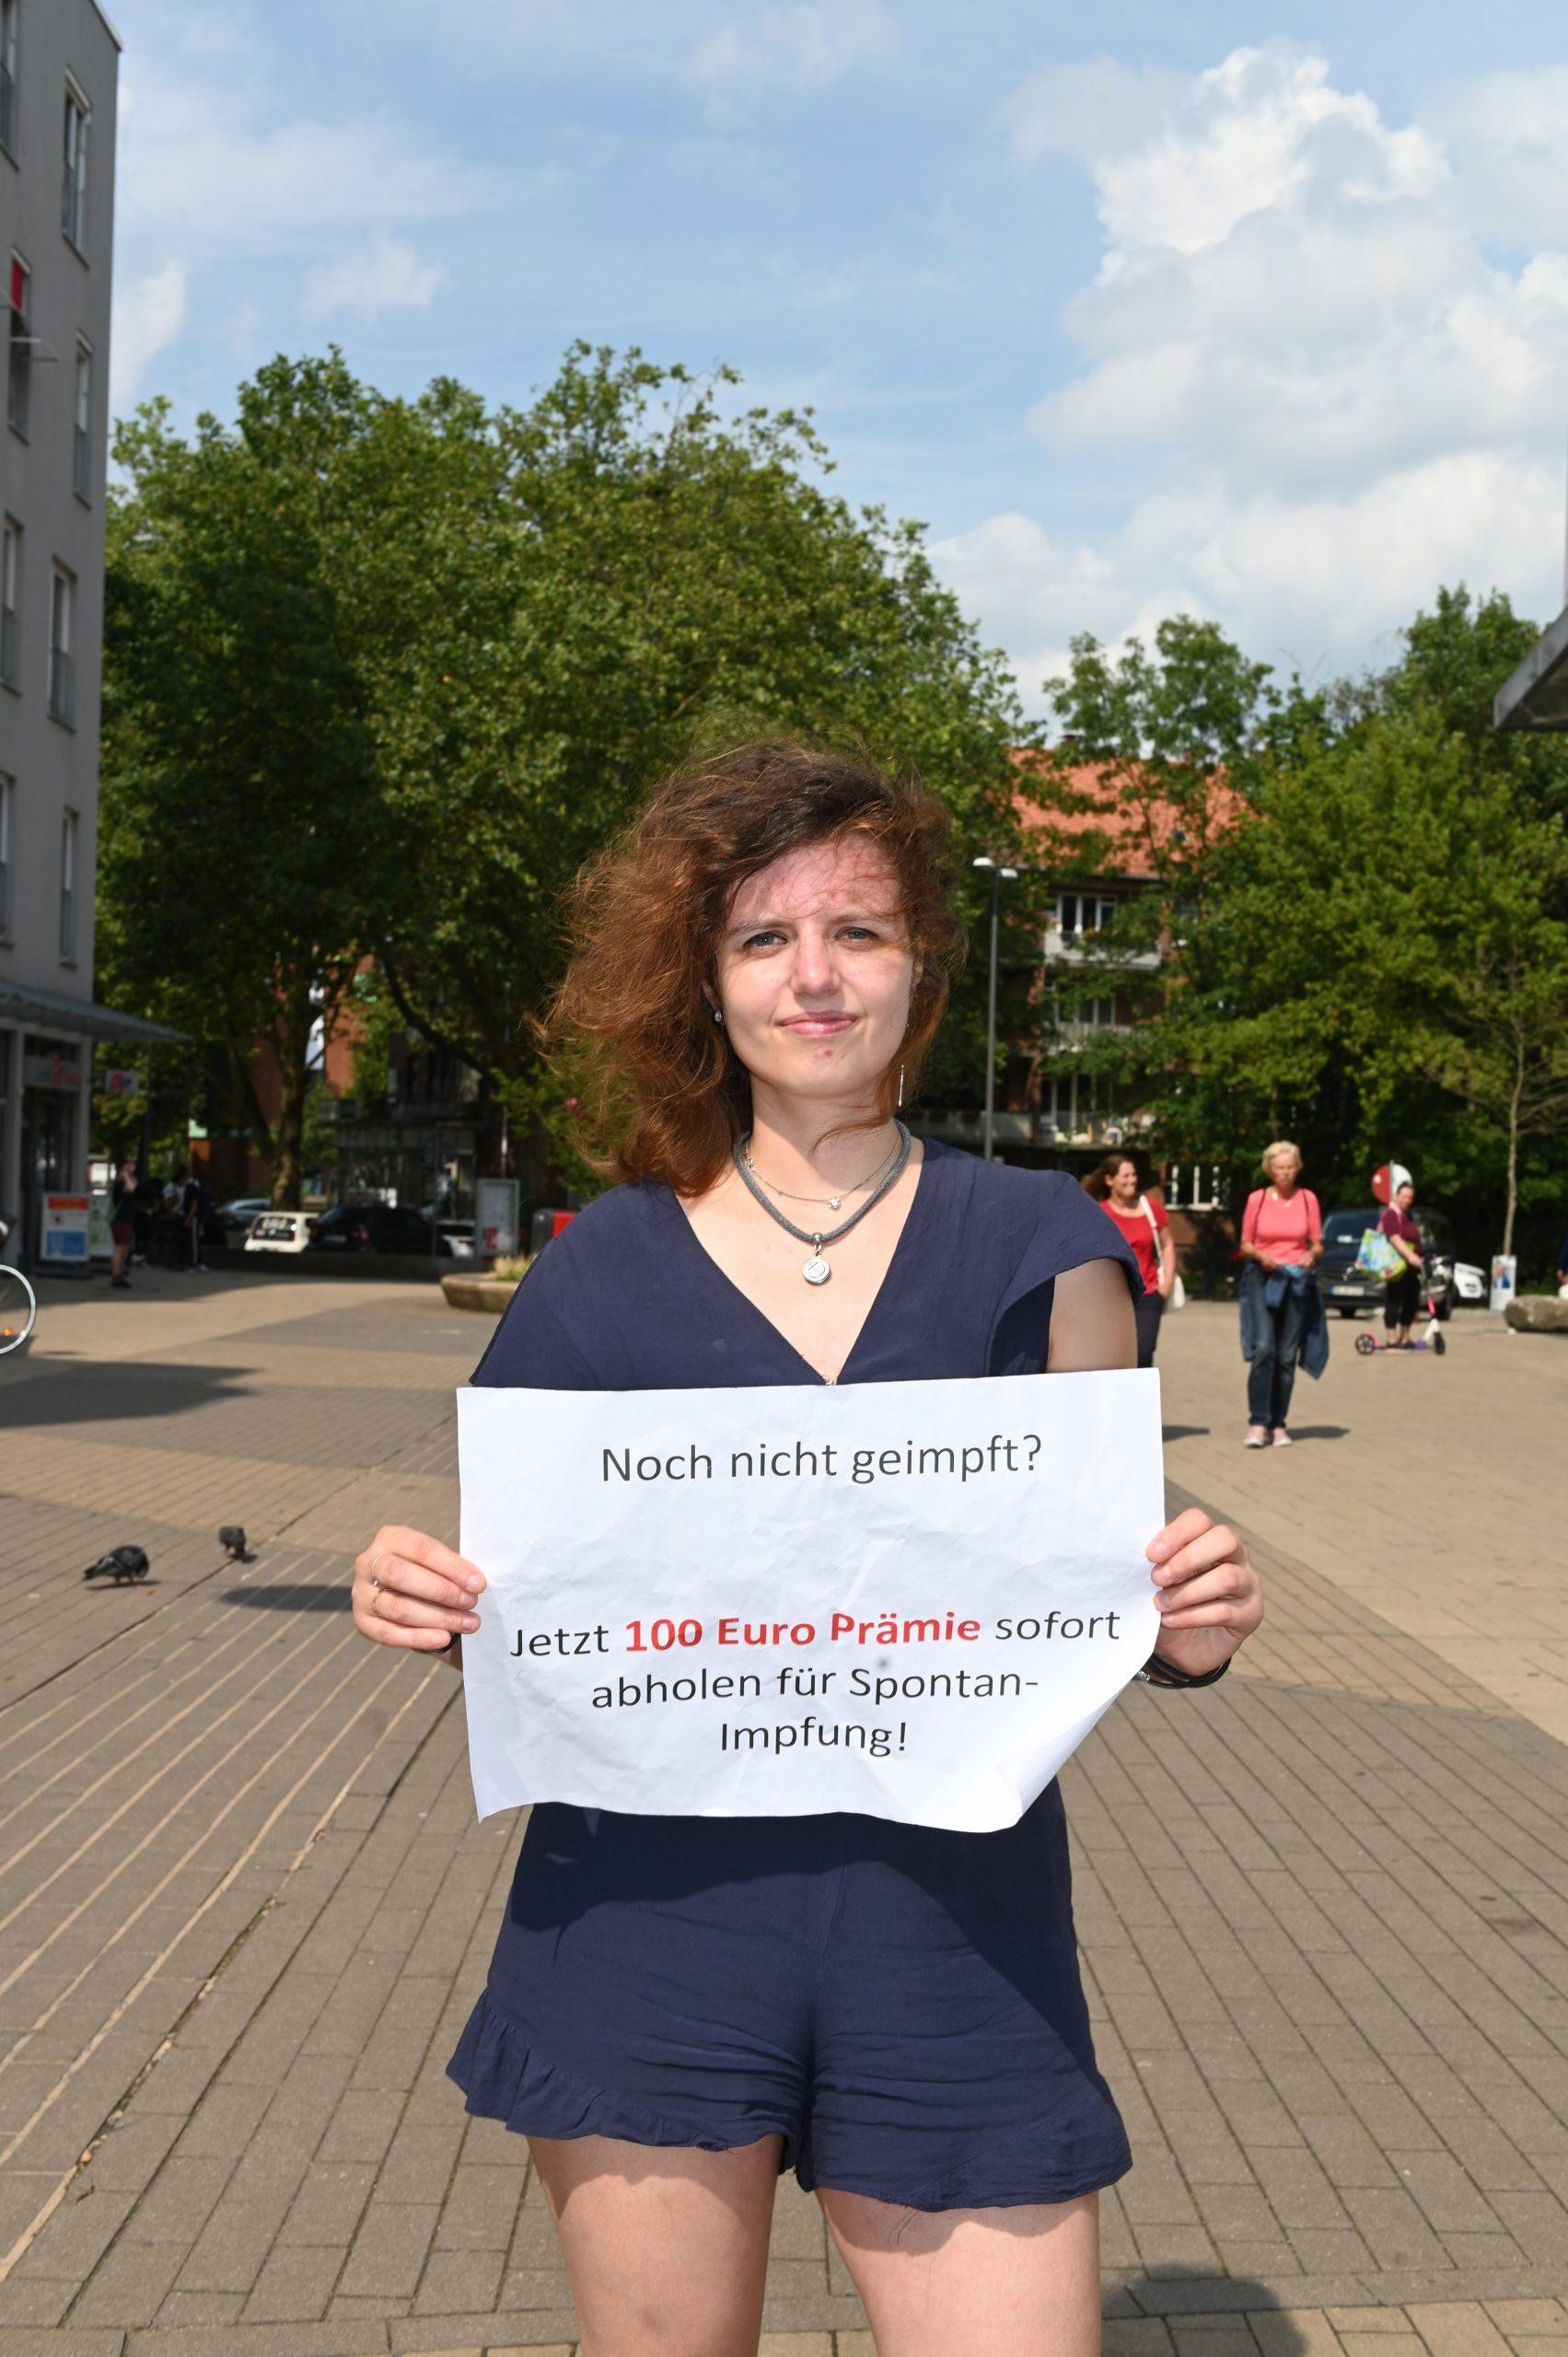 Spontan-Impfung gegen eine Prämie von 100 Euro? MOPO-Reporterin Annalena Barnickel hat den Test in Hamburg gemacht.